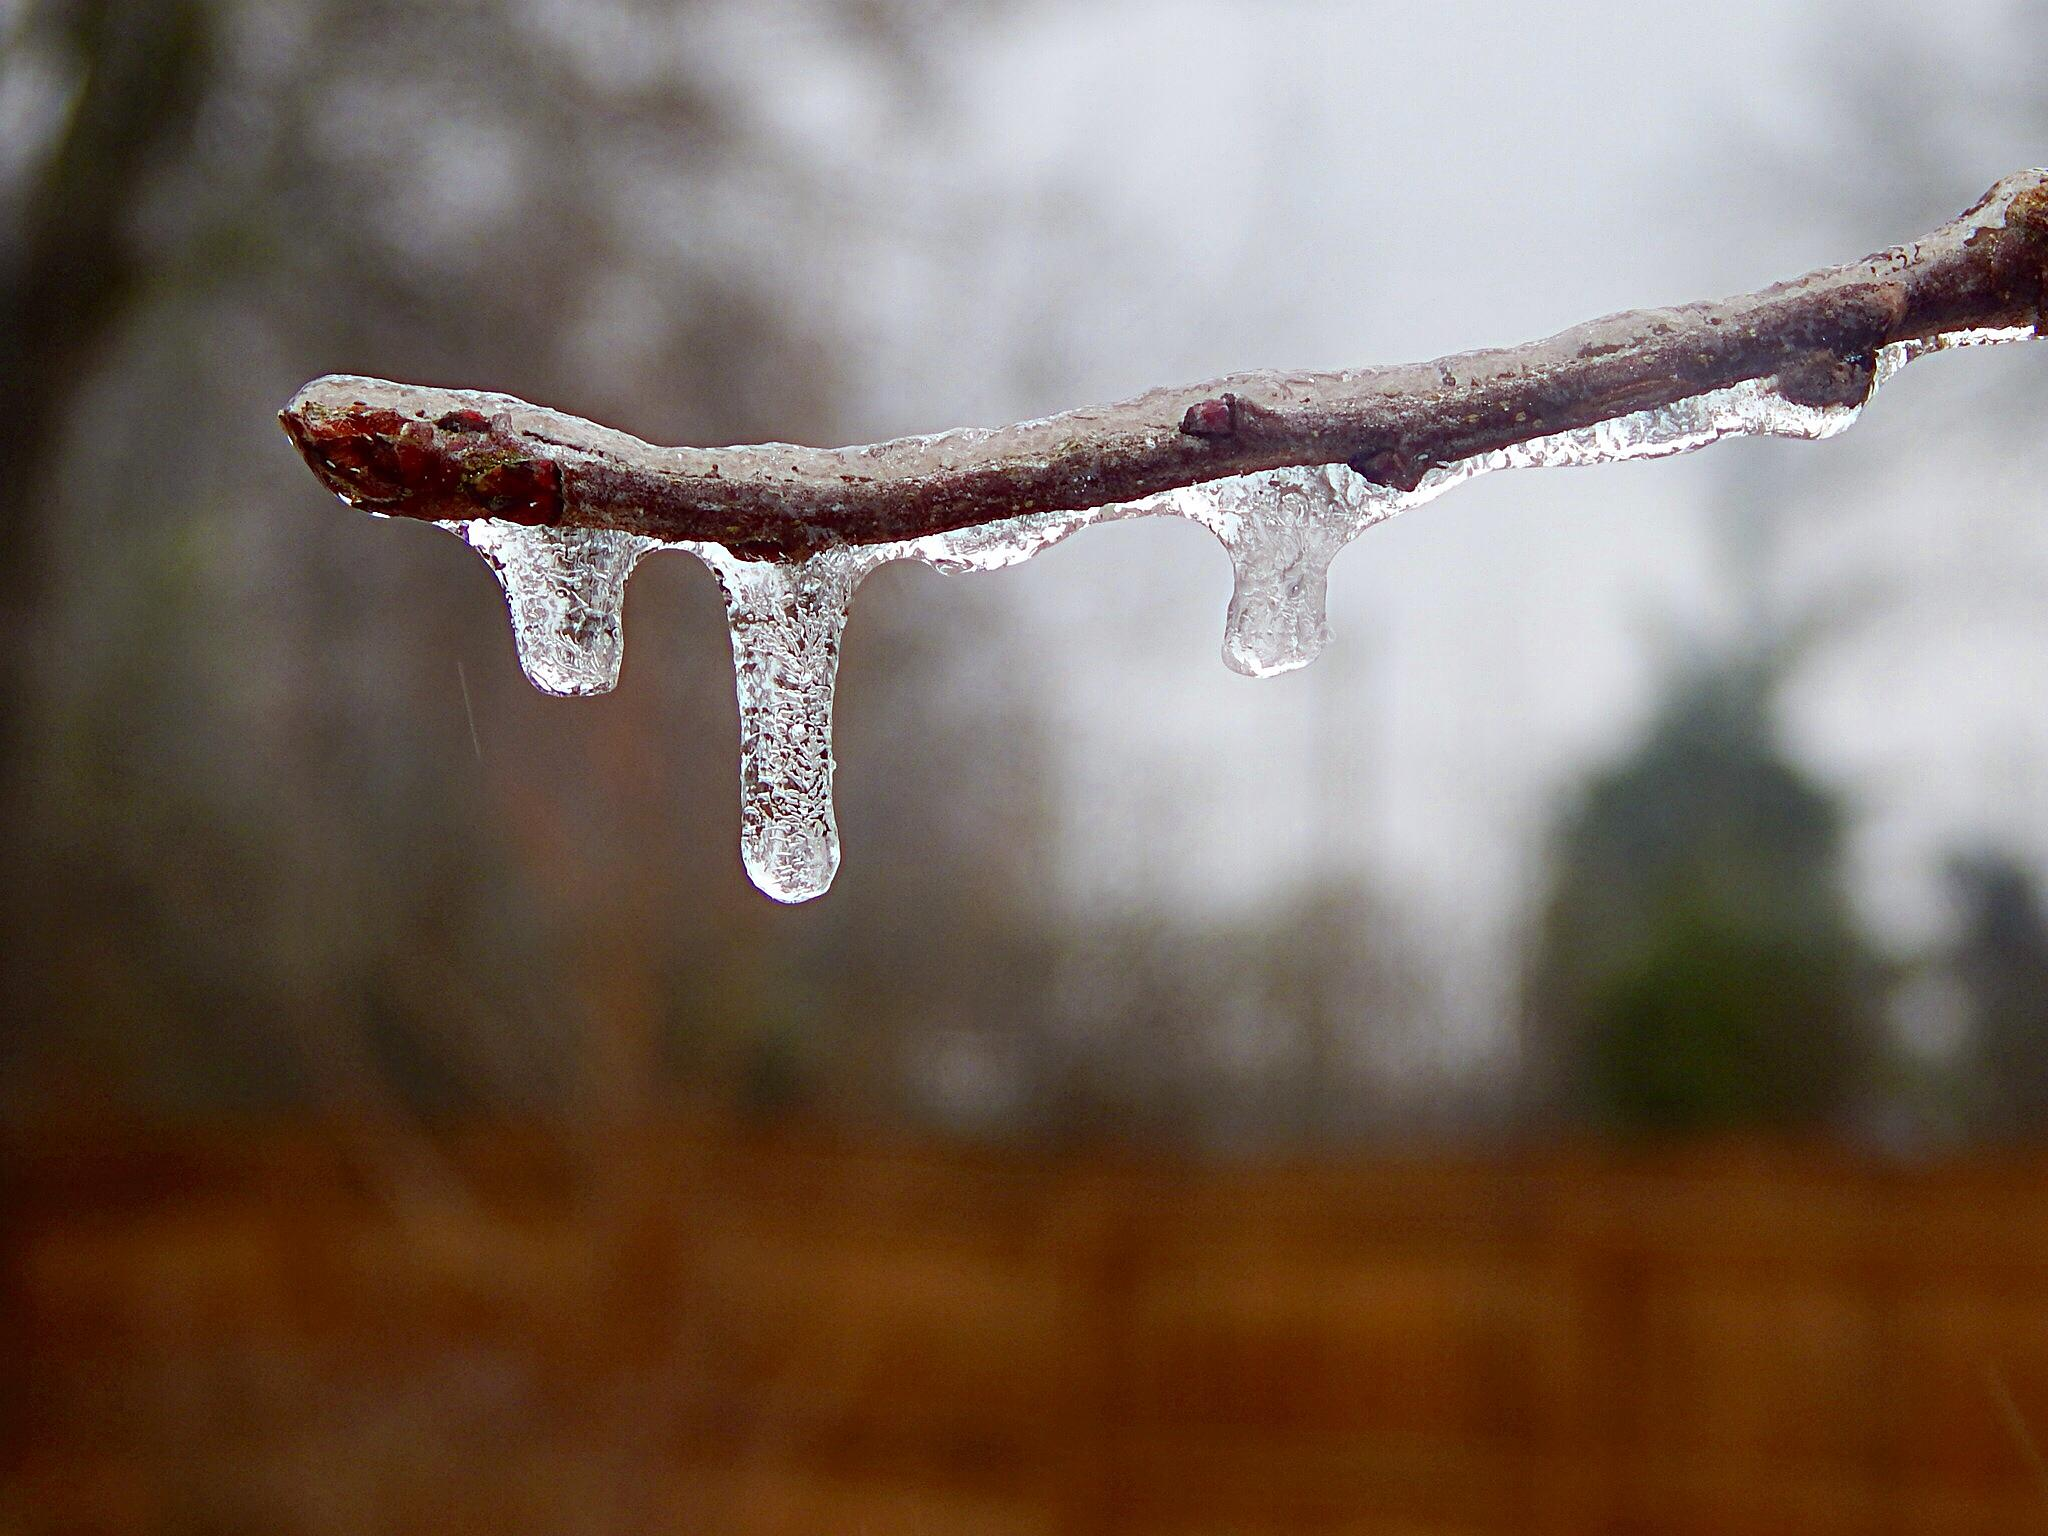 First frost 2013 by shannen.kocher